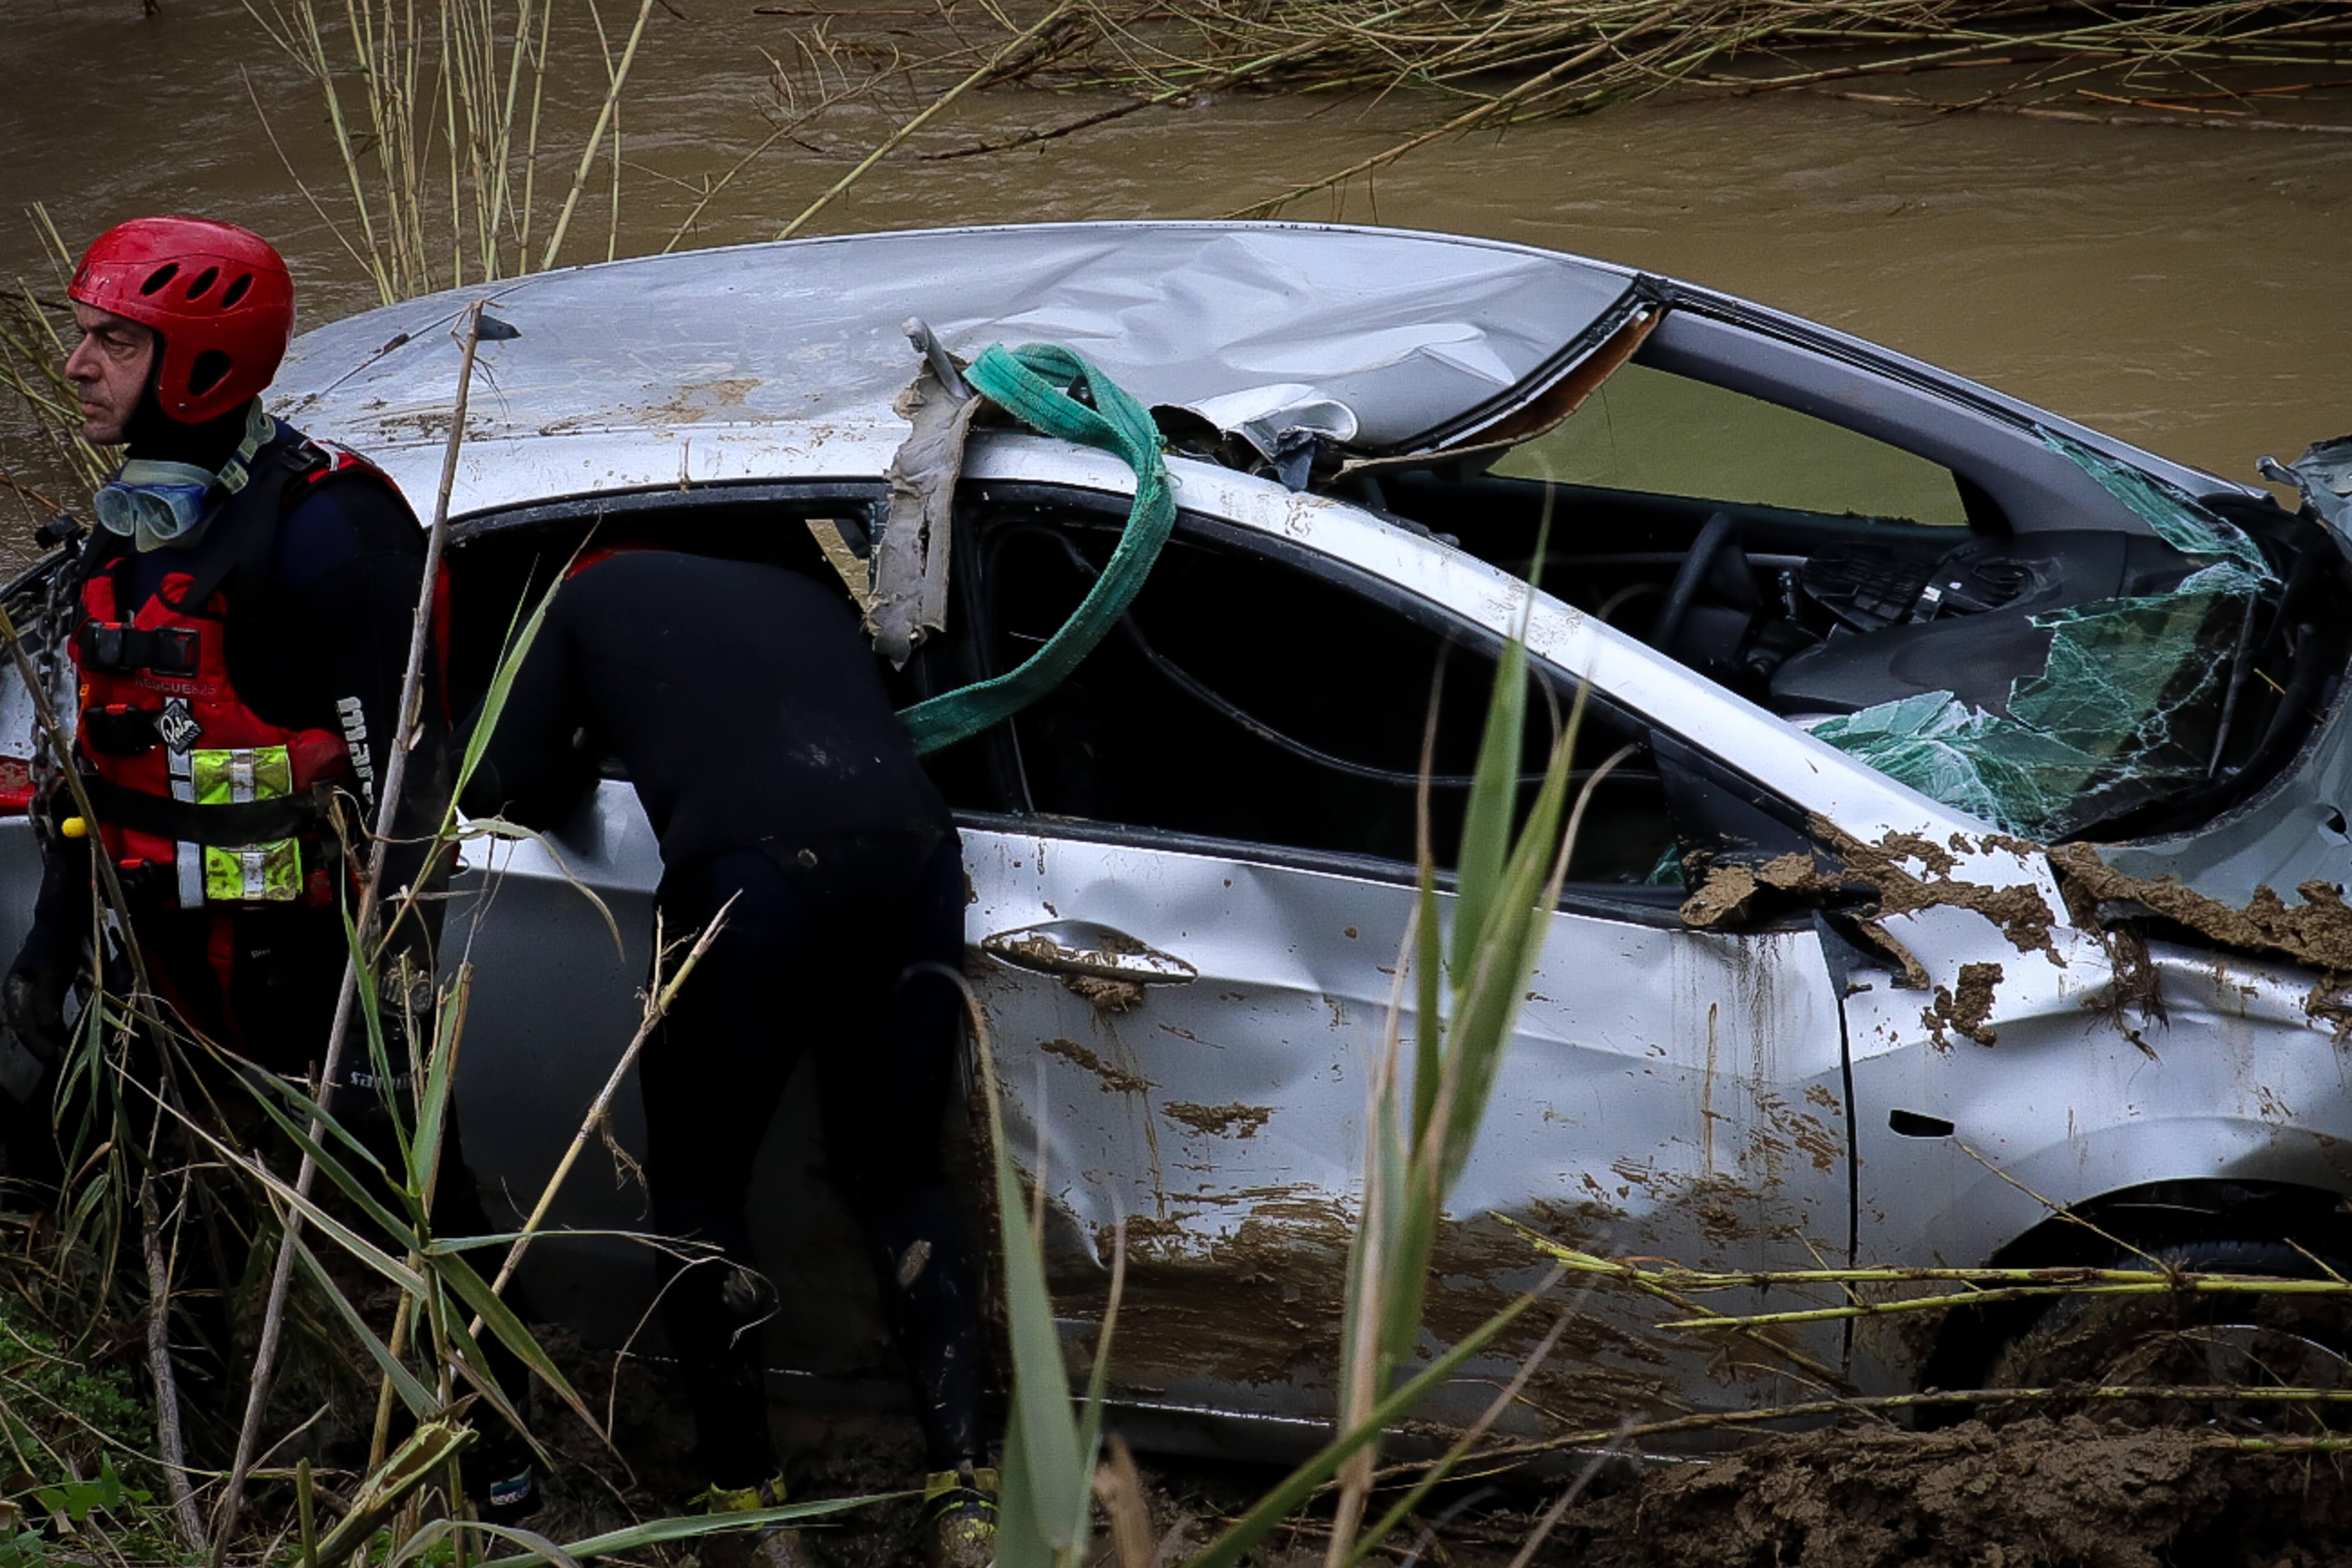 Μεσσαρά: Τραγικό τέλος! Μέσα στο αυτοκίνητο και τα 4 μέλη της οικογένειας